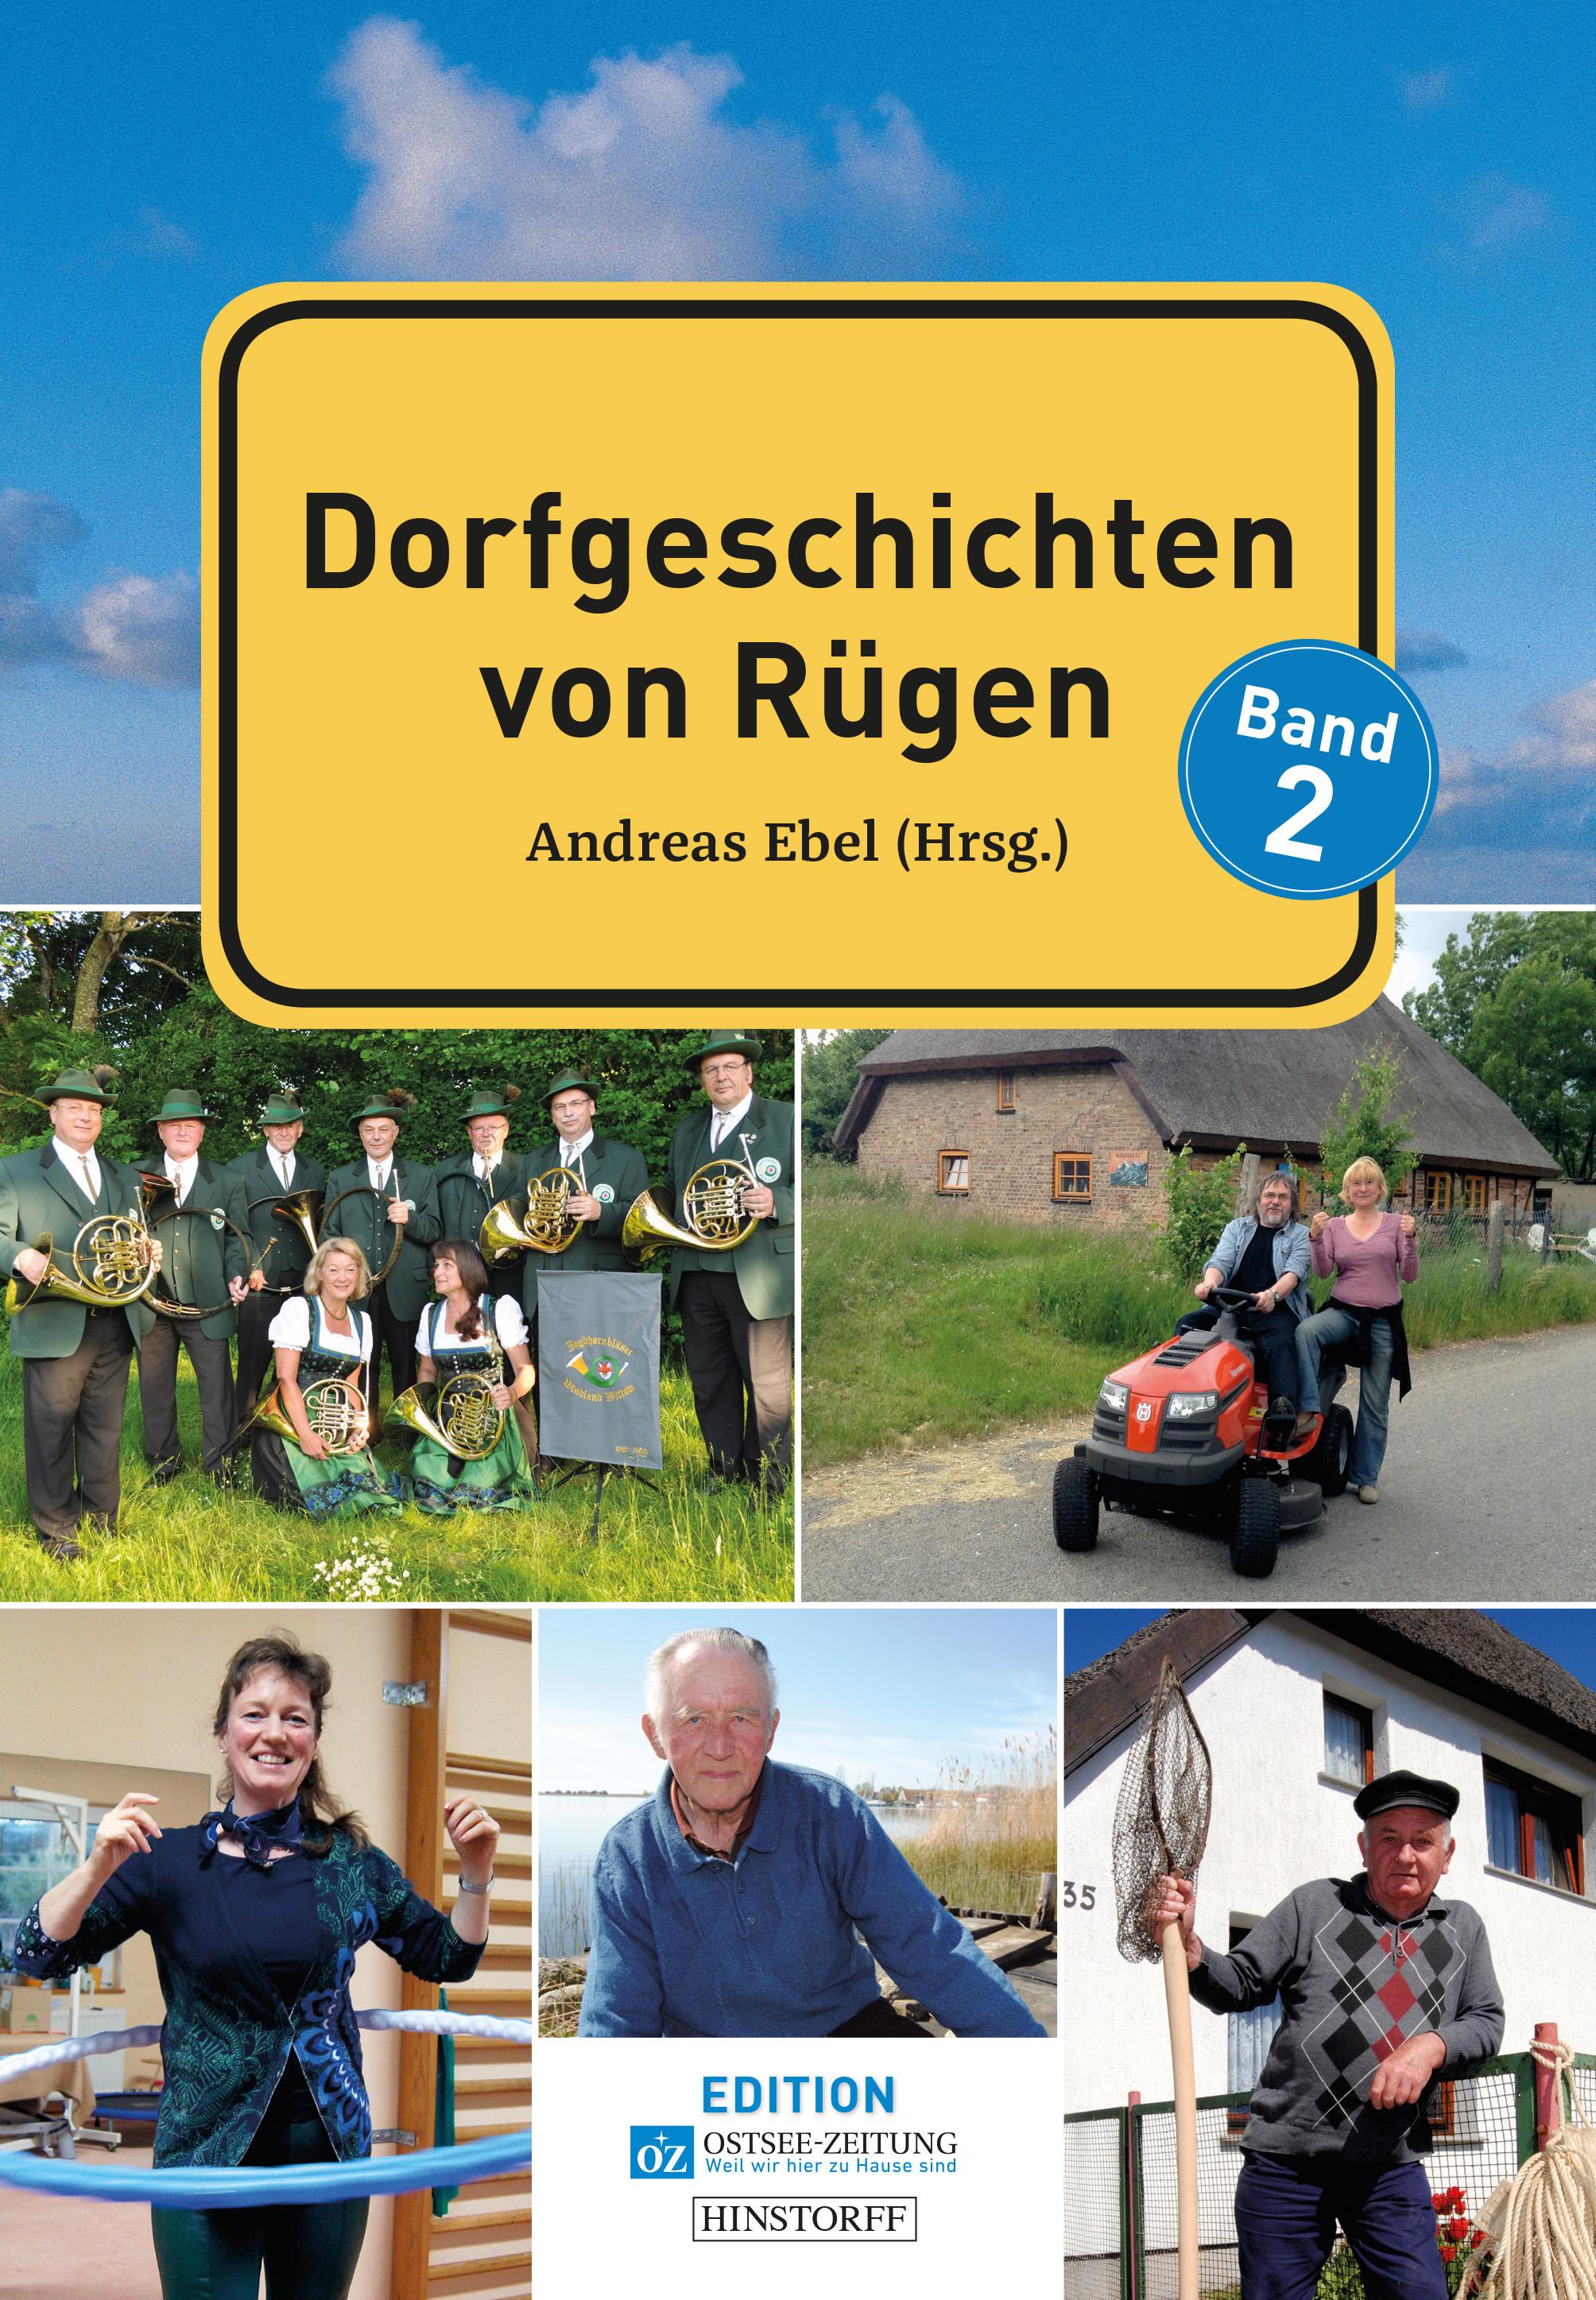 Dorfgeschichten von  Rügen. Band 2